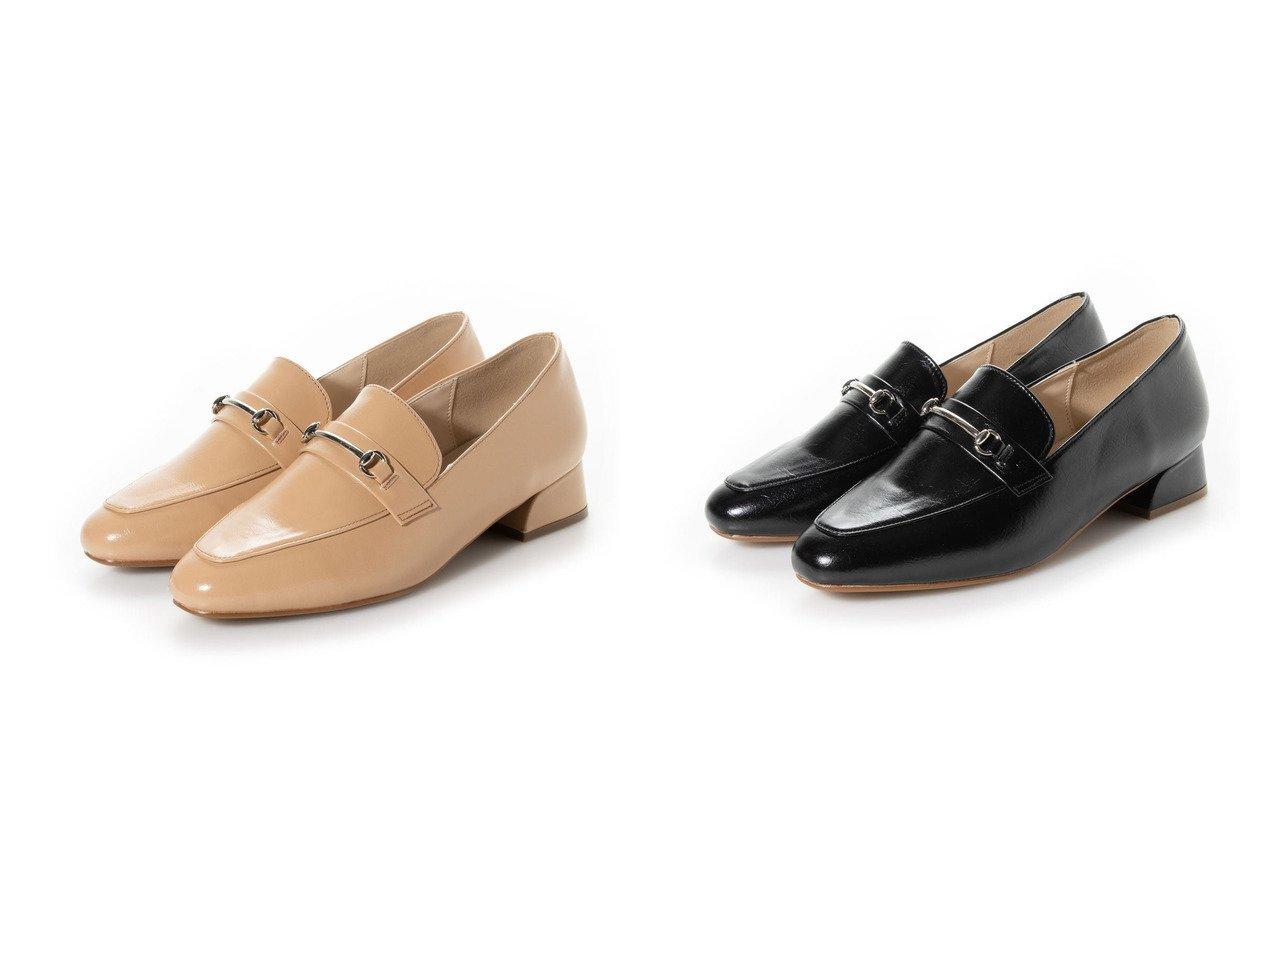 【mio notis/ミオ ノティス】のスクエアヒールローファー シューズ・靴のおすすめ!人気、トレンド・レディースファッションの通販 おすすめで人気の流行・トレンド、ファッションの通販商品 メンズファッション・キッズファッション・インテリア・家具・レディースファッション・服の通販 founy(ファニー) https://founy.com/ ファッション Fashion レディースファッション WOMEN 2021年 2021 2021 春夏 S/S SS Spring/Summer 2021 S/S 春夏 SS Spring/Summer エナメル シューズ トレンド 春 Spring |ID:crp329100000016319